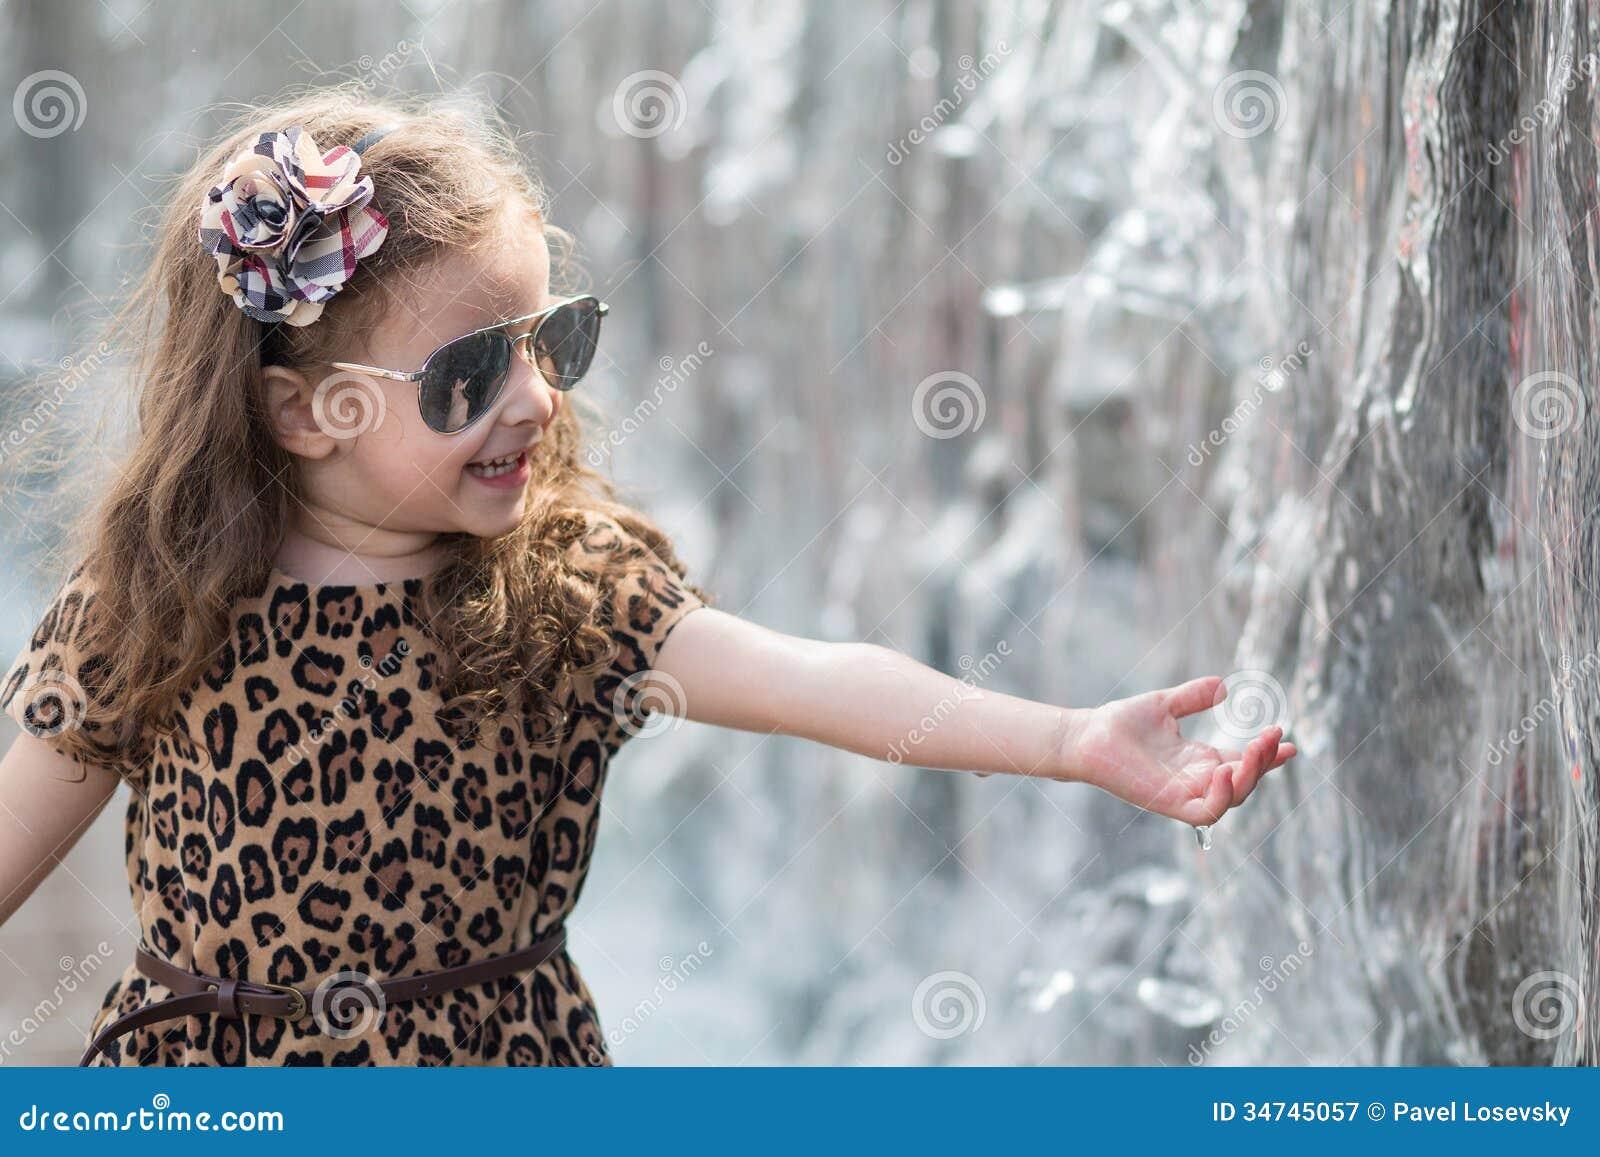 Фото как маленькая девочка трогает писюн 22 фотография